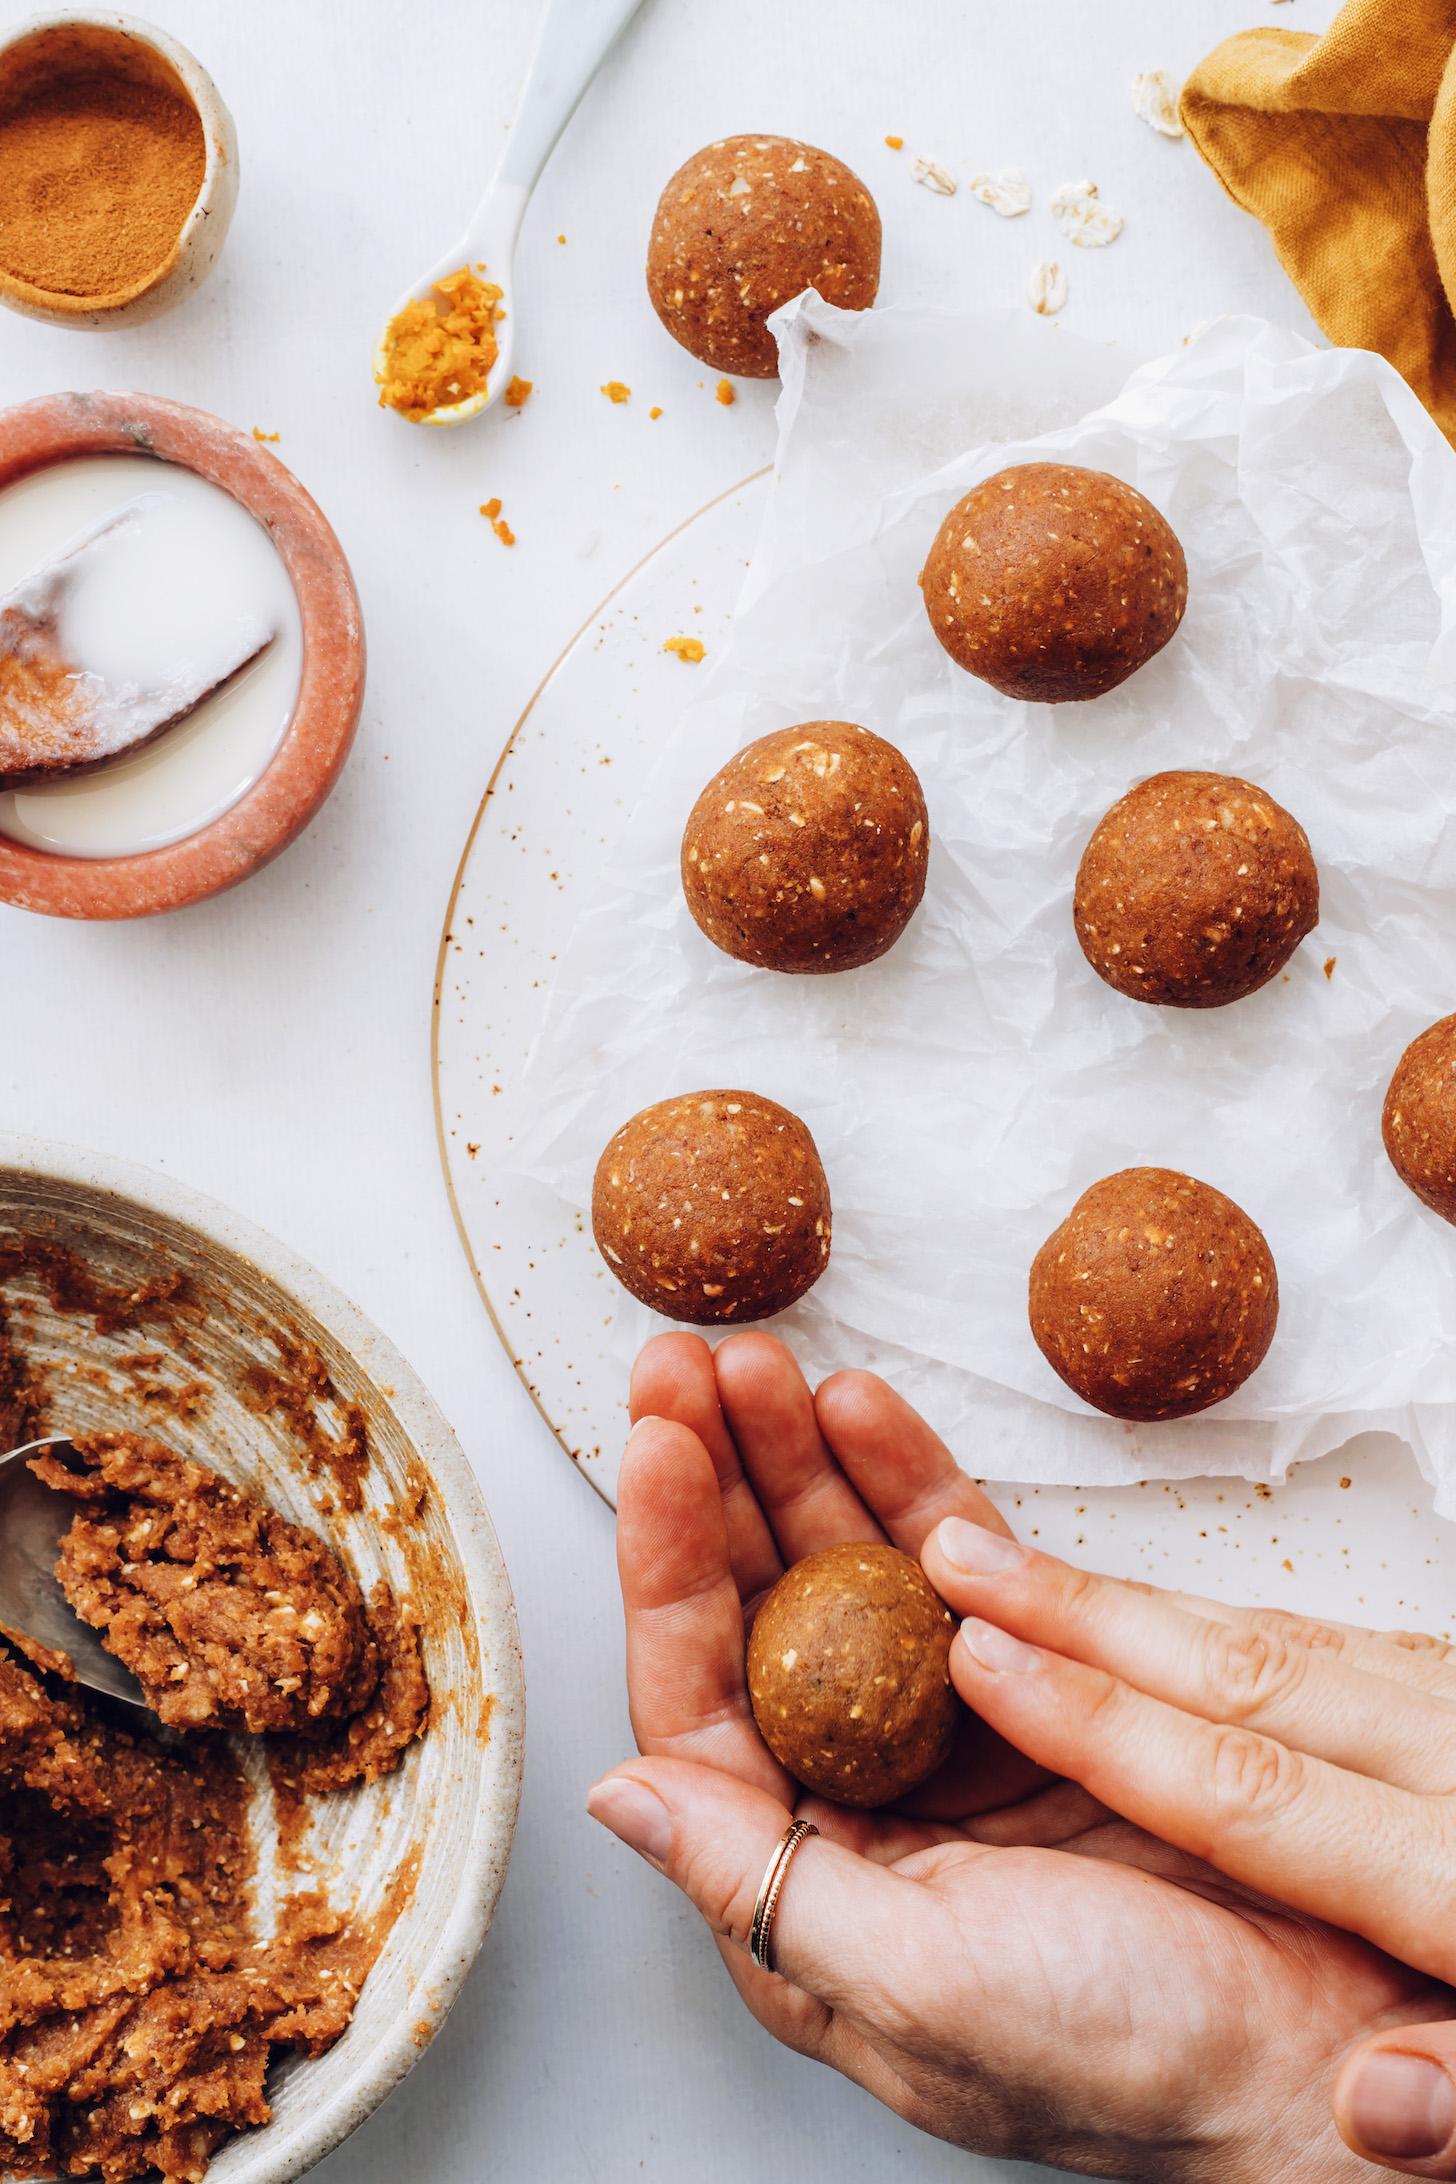 Fırınsız balkabağı baharat hamurunu top haline getirme